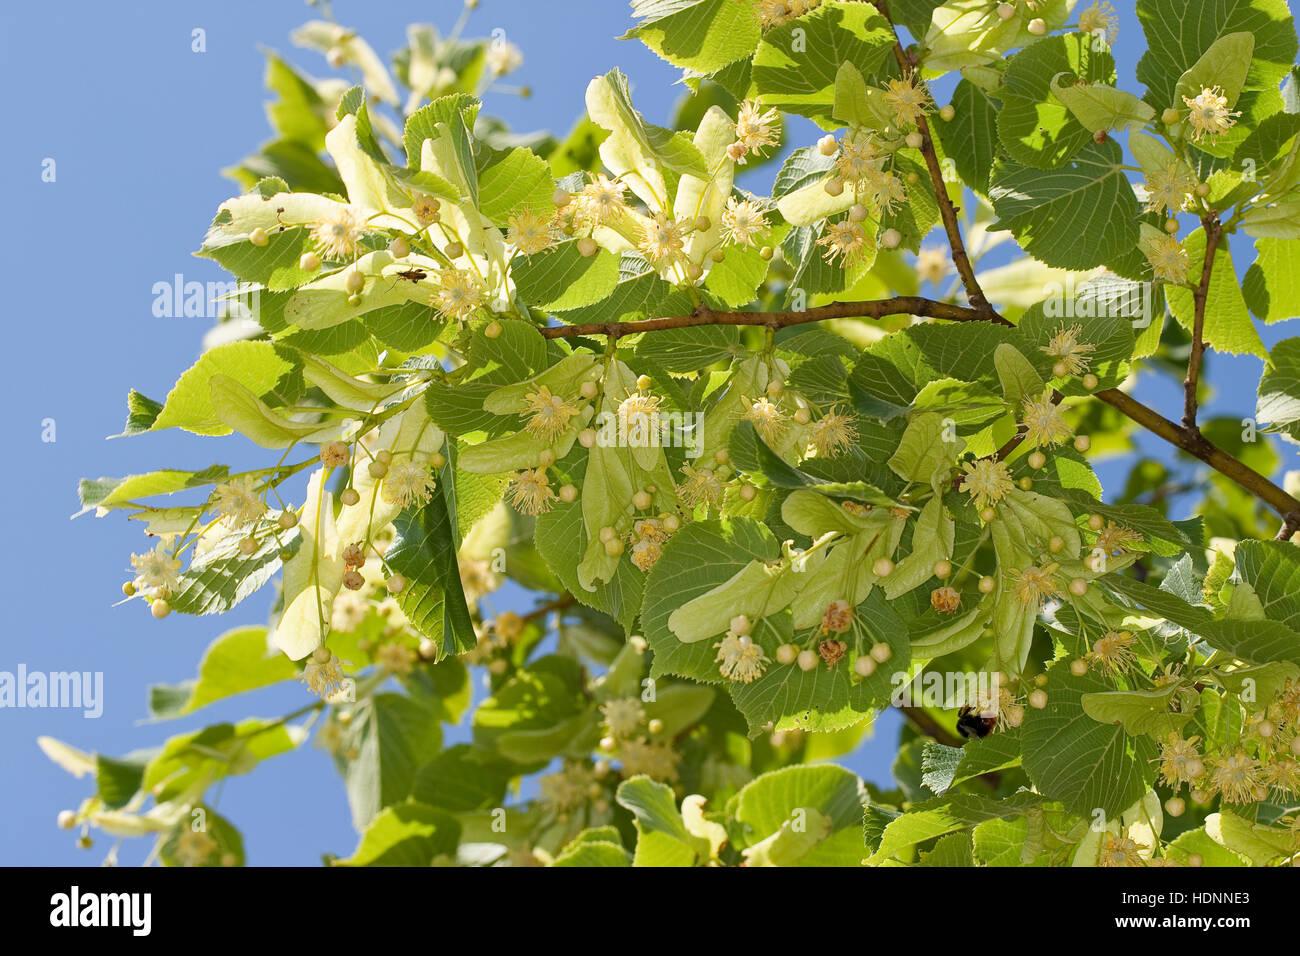 Sommer-Linde, Sommerlinde, Linde, Blüten, Blüte und Blätter, Blatt, Tilia platyphyllos, Large Leaved Lime Stock Photo